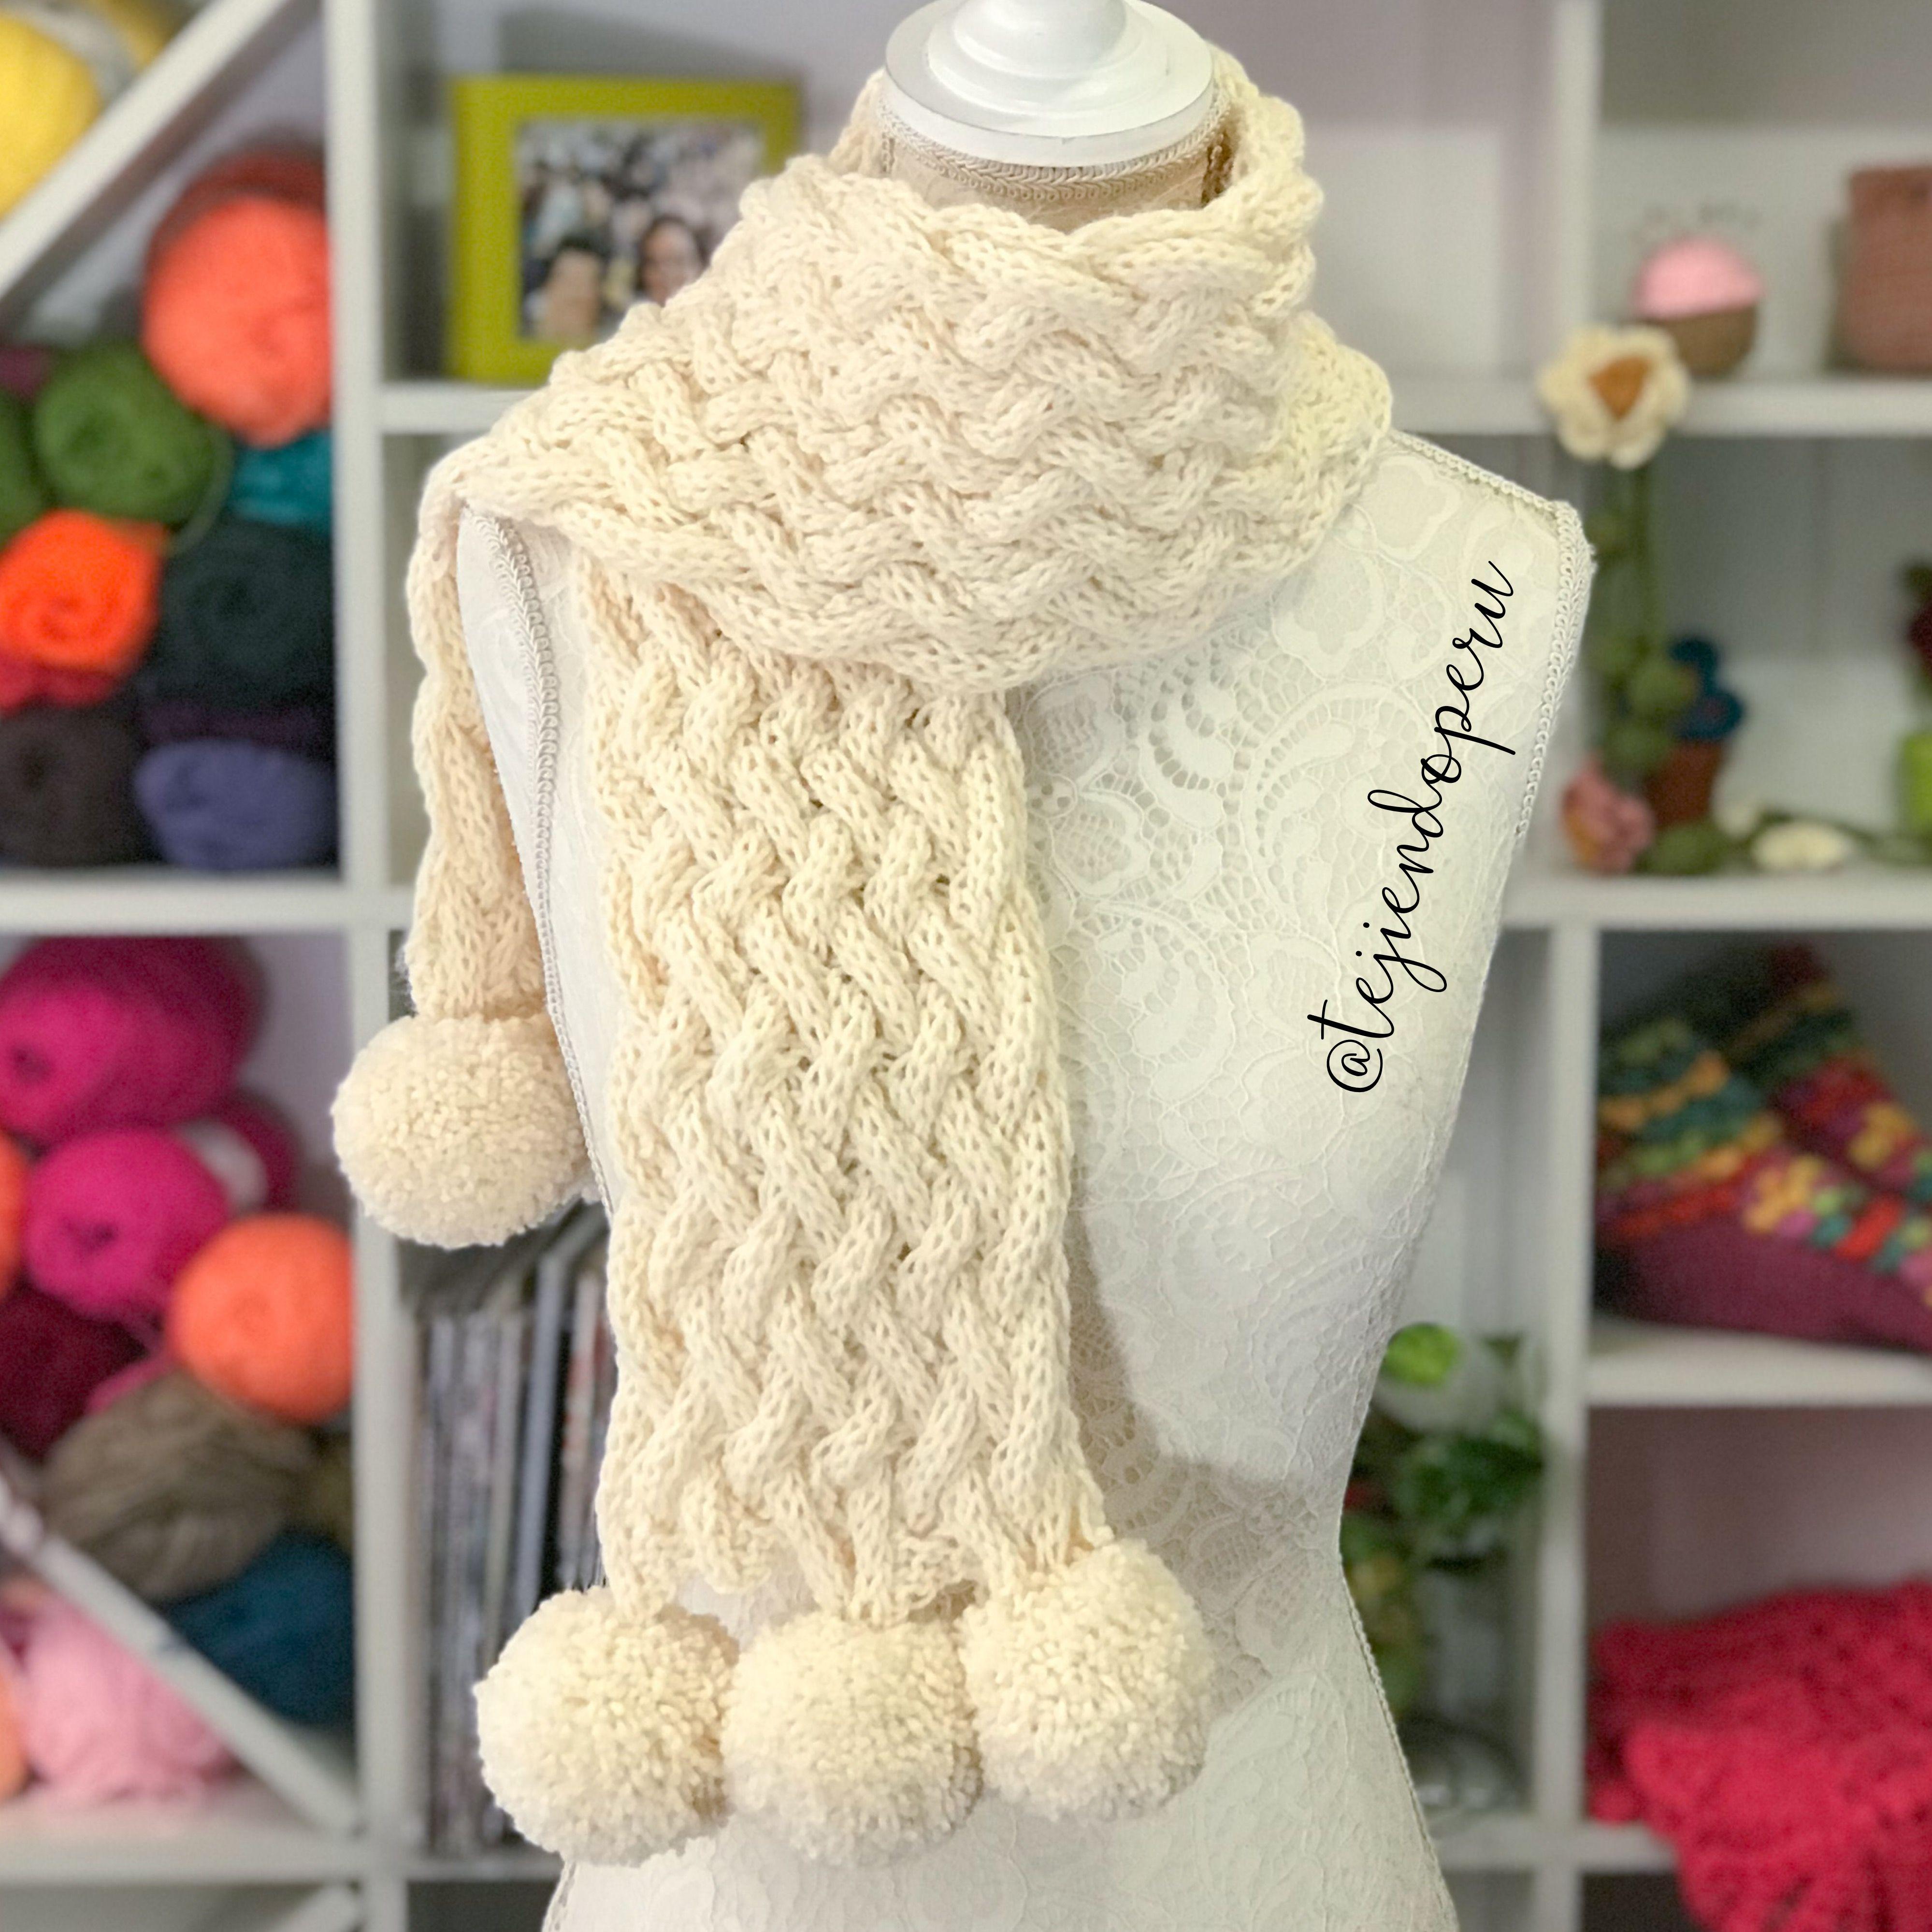 Increíble Hilo Voluminoso Patrón Bufanda Crochet Ornamento - Manta ...